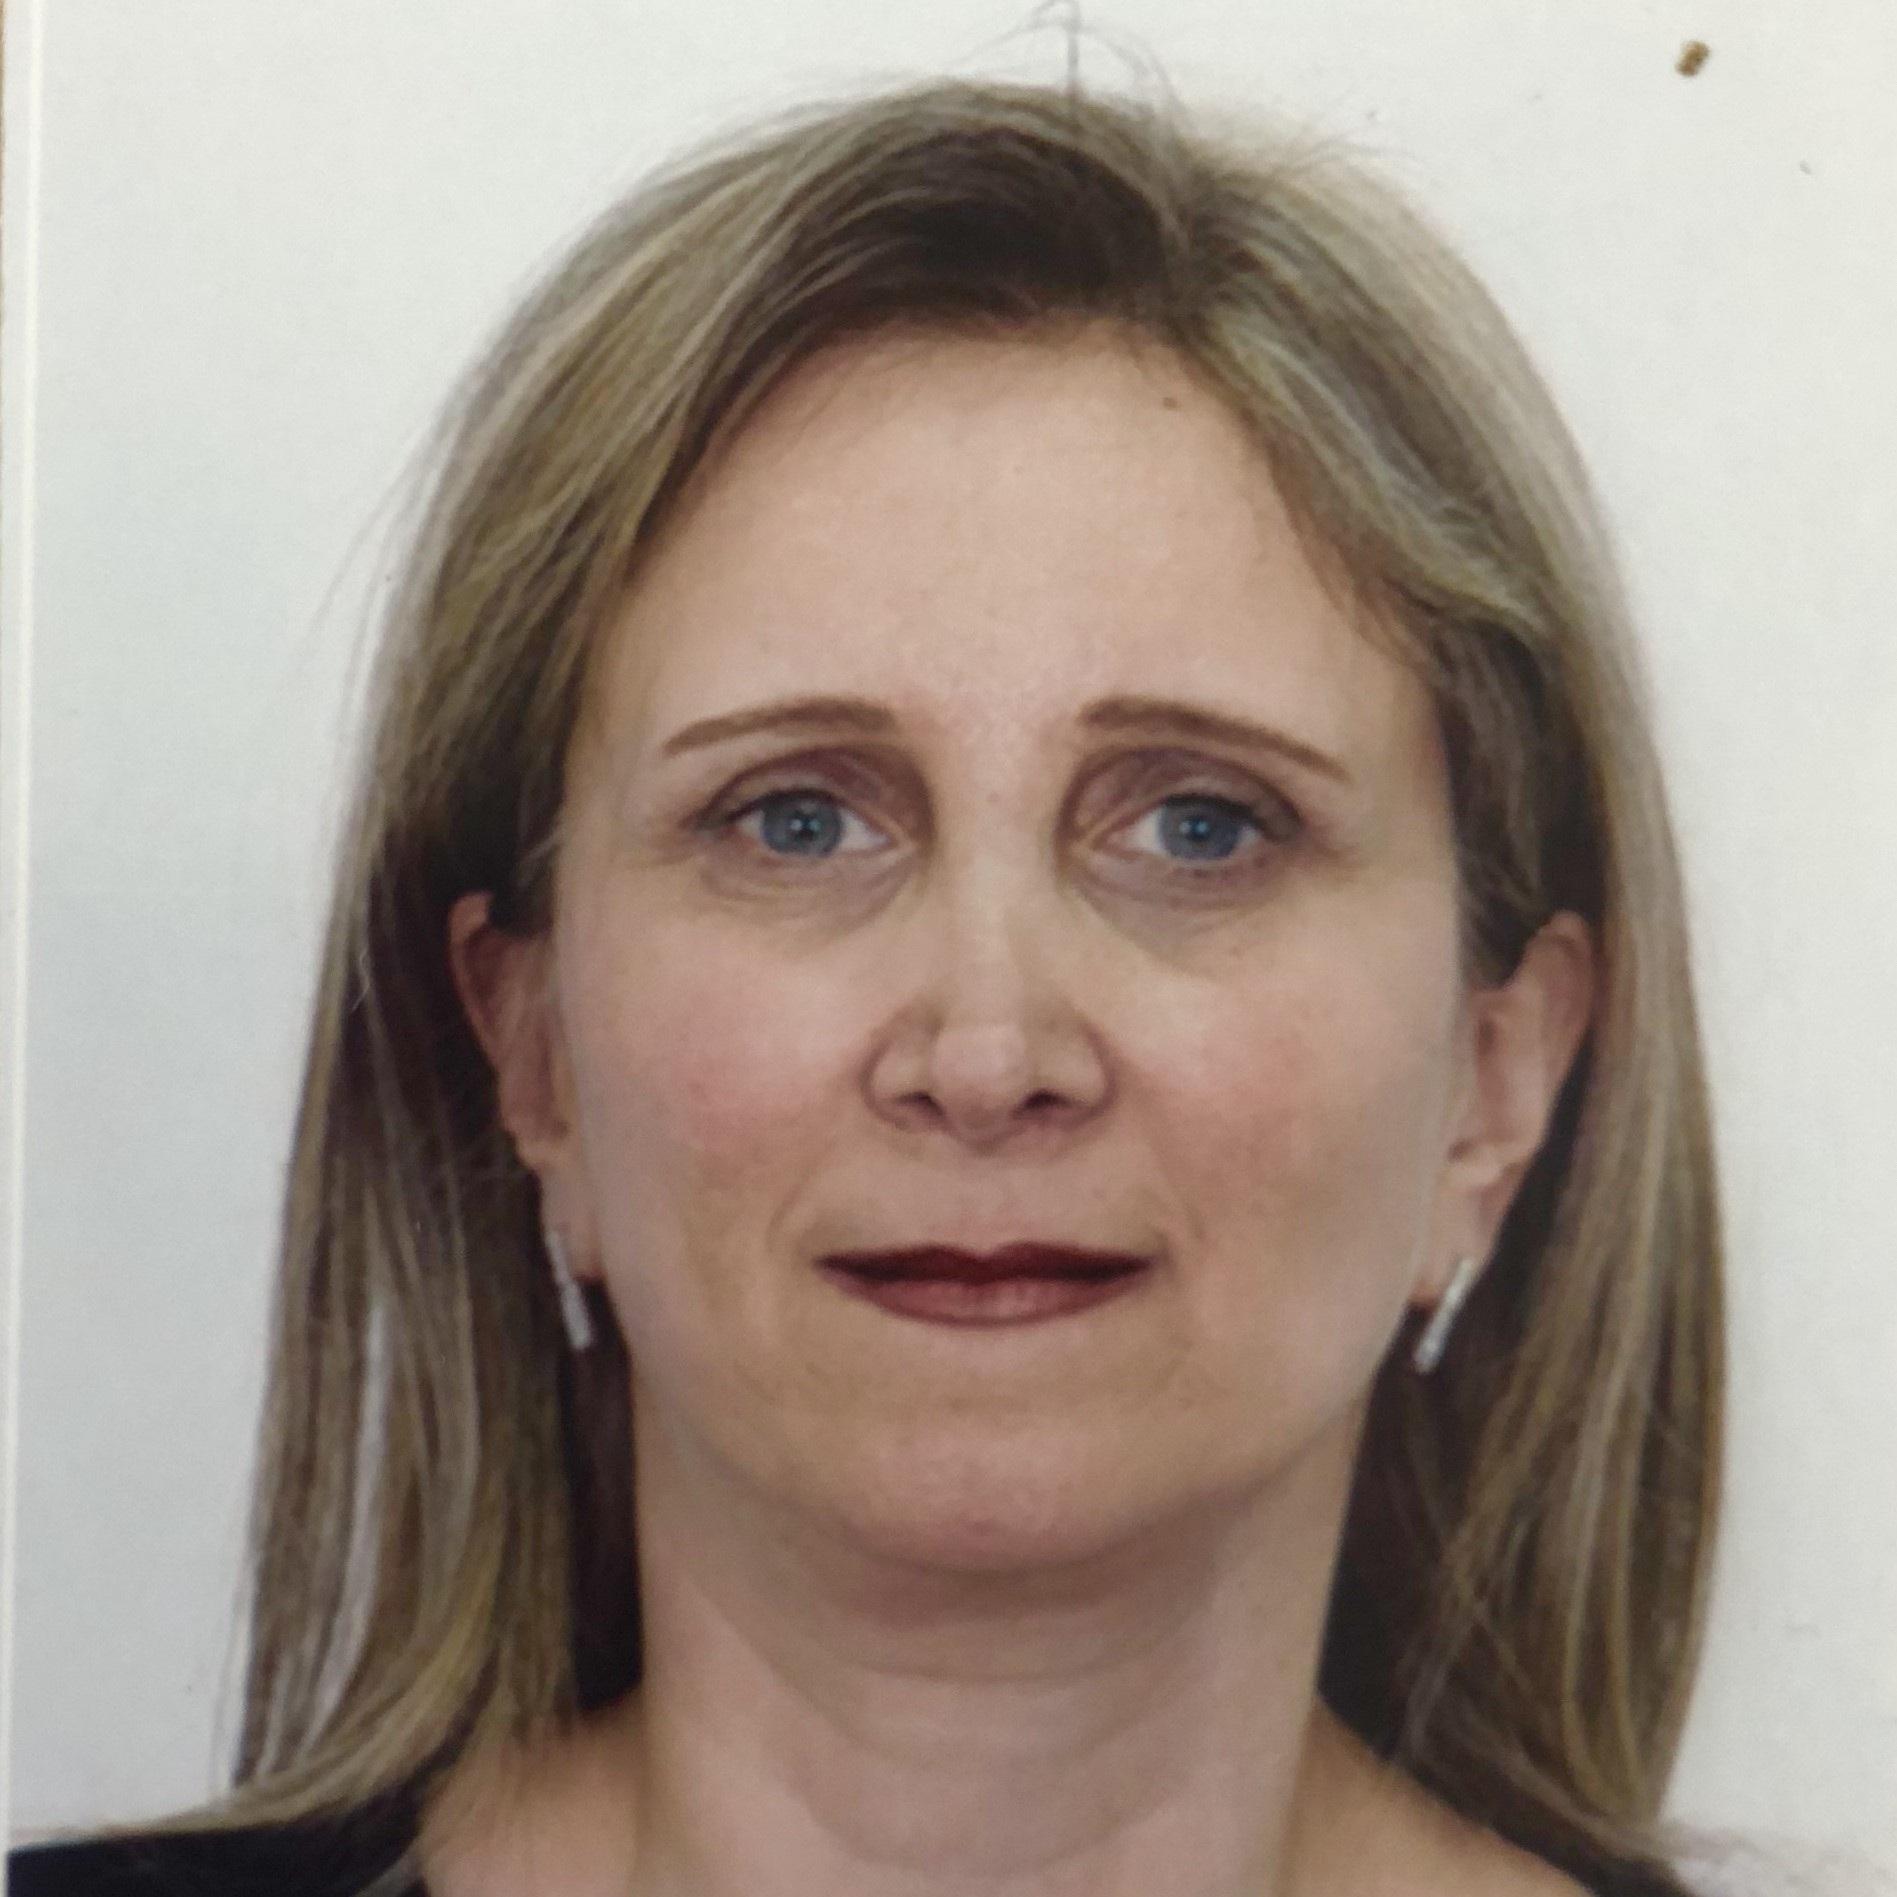 Desiree Feghali